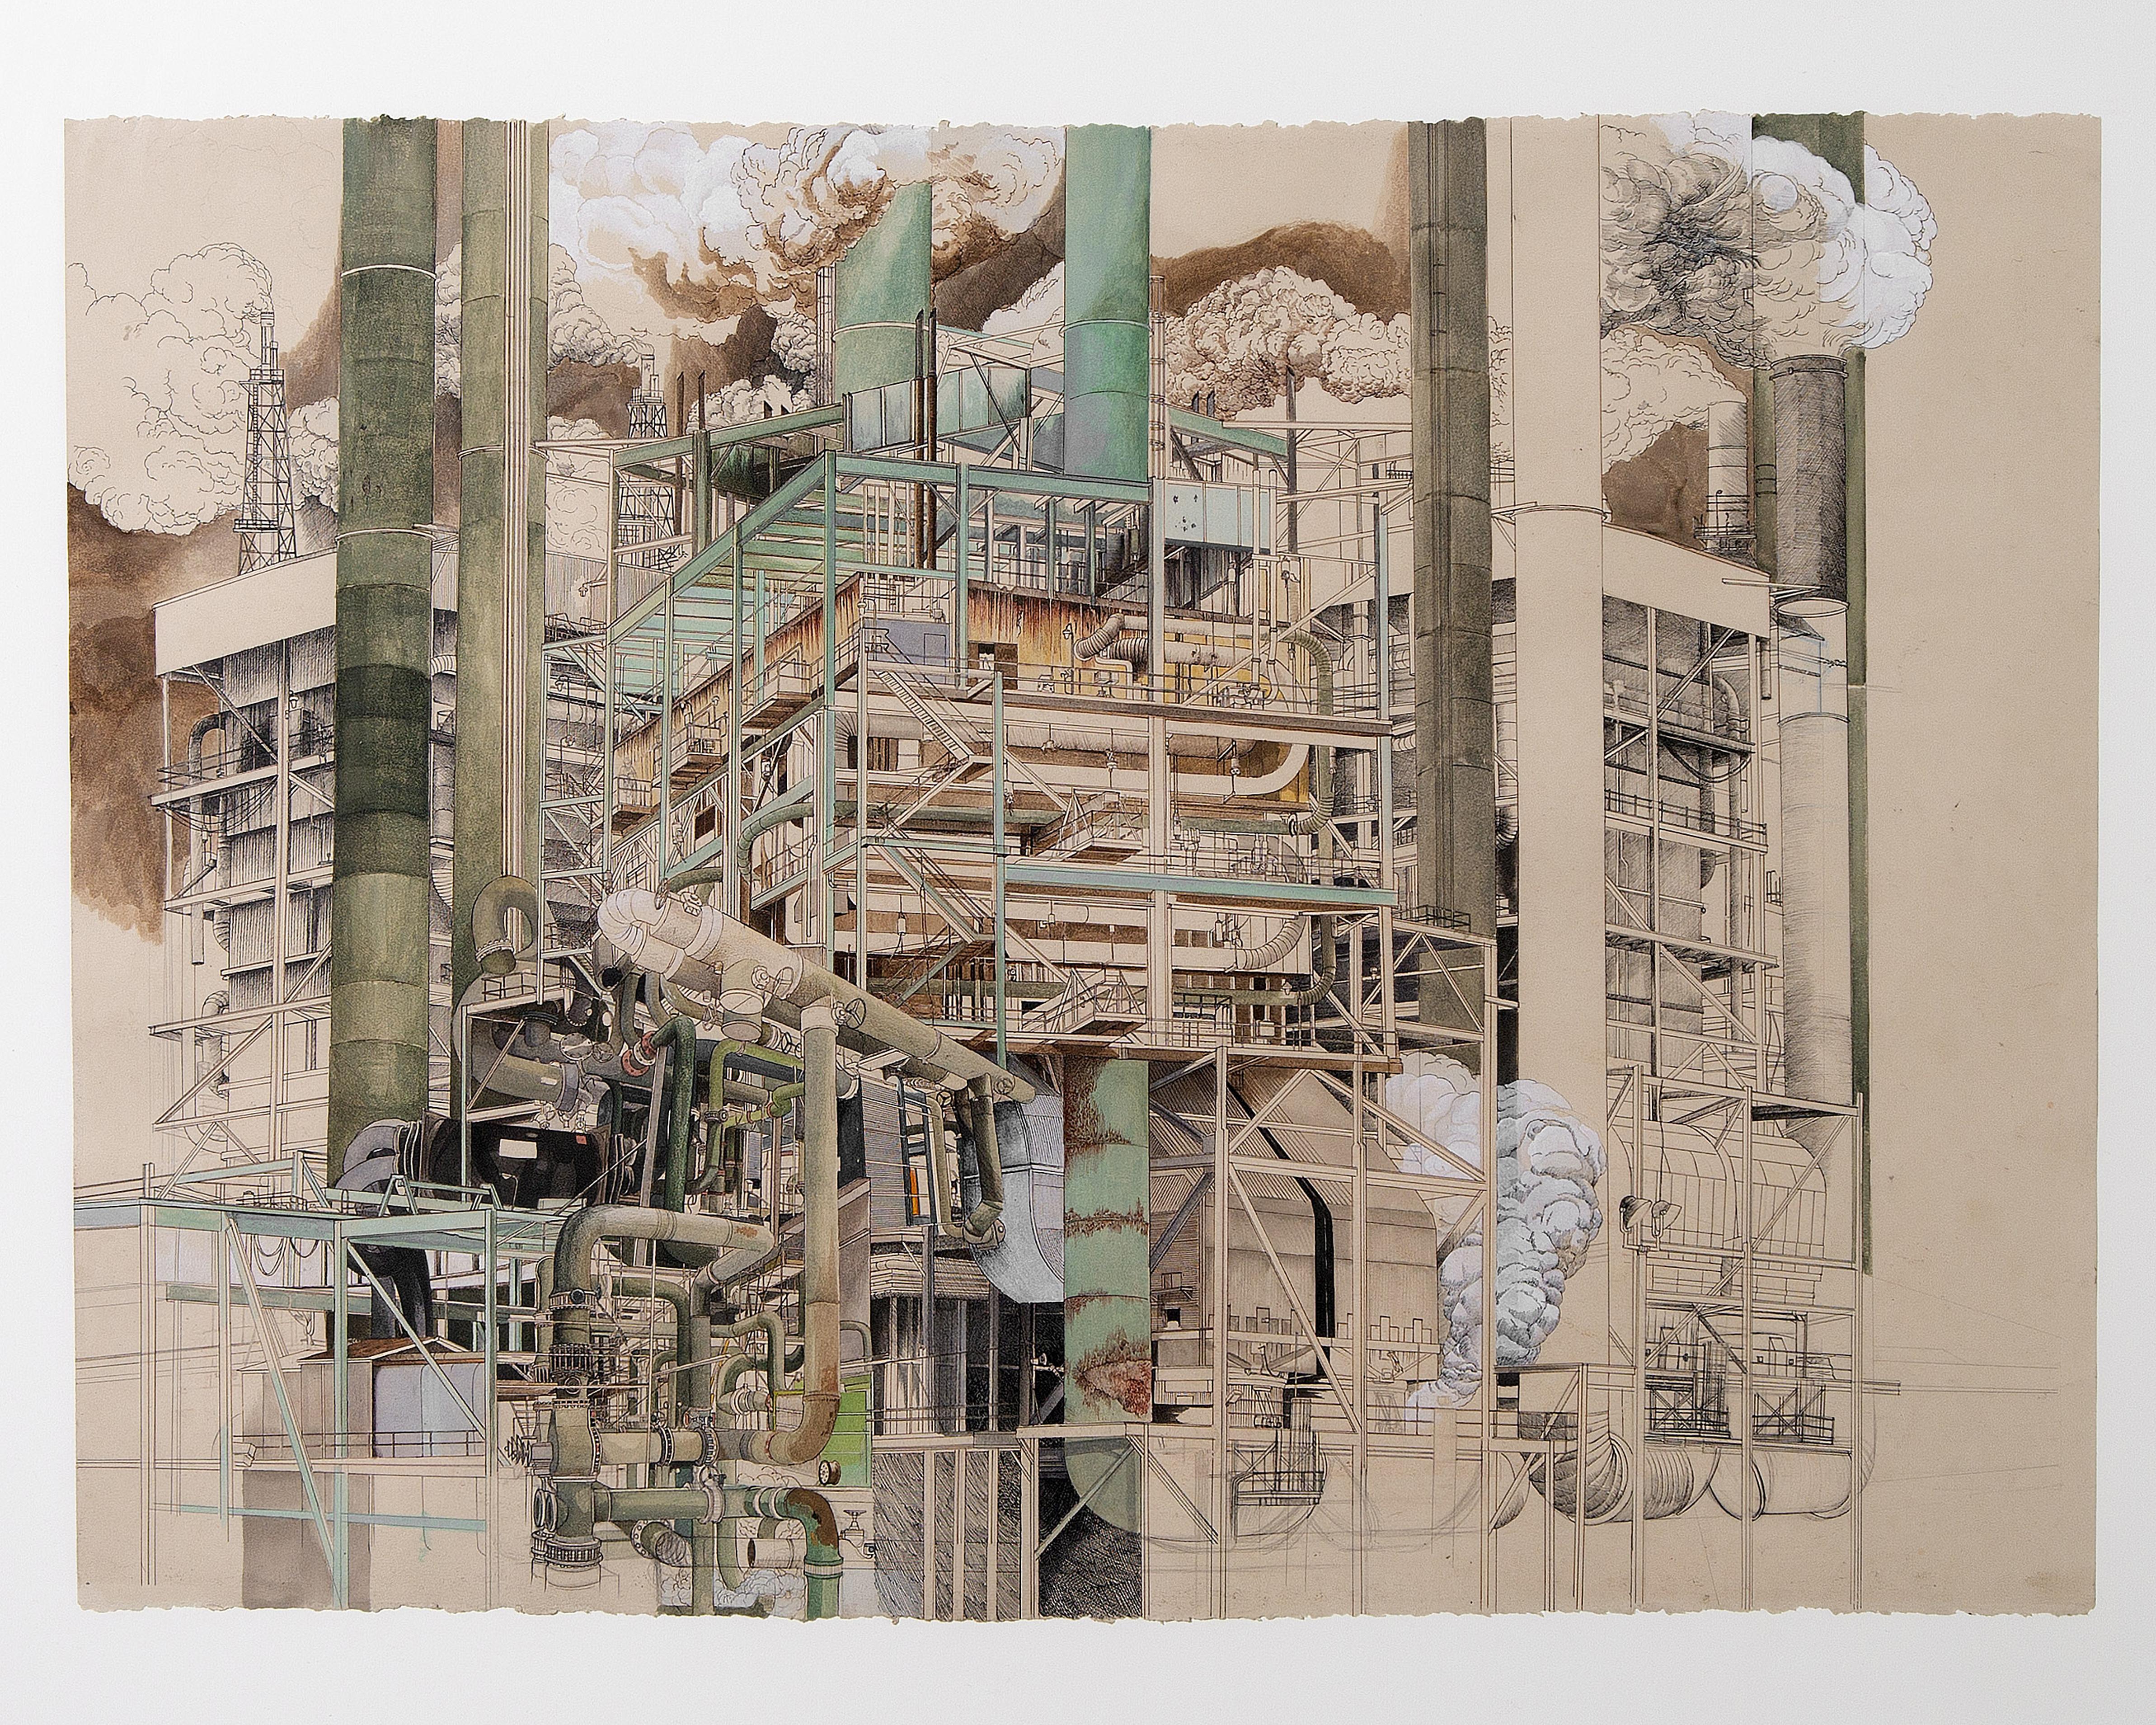 Print of machinery